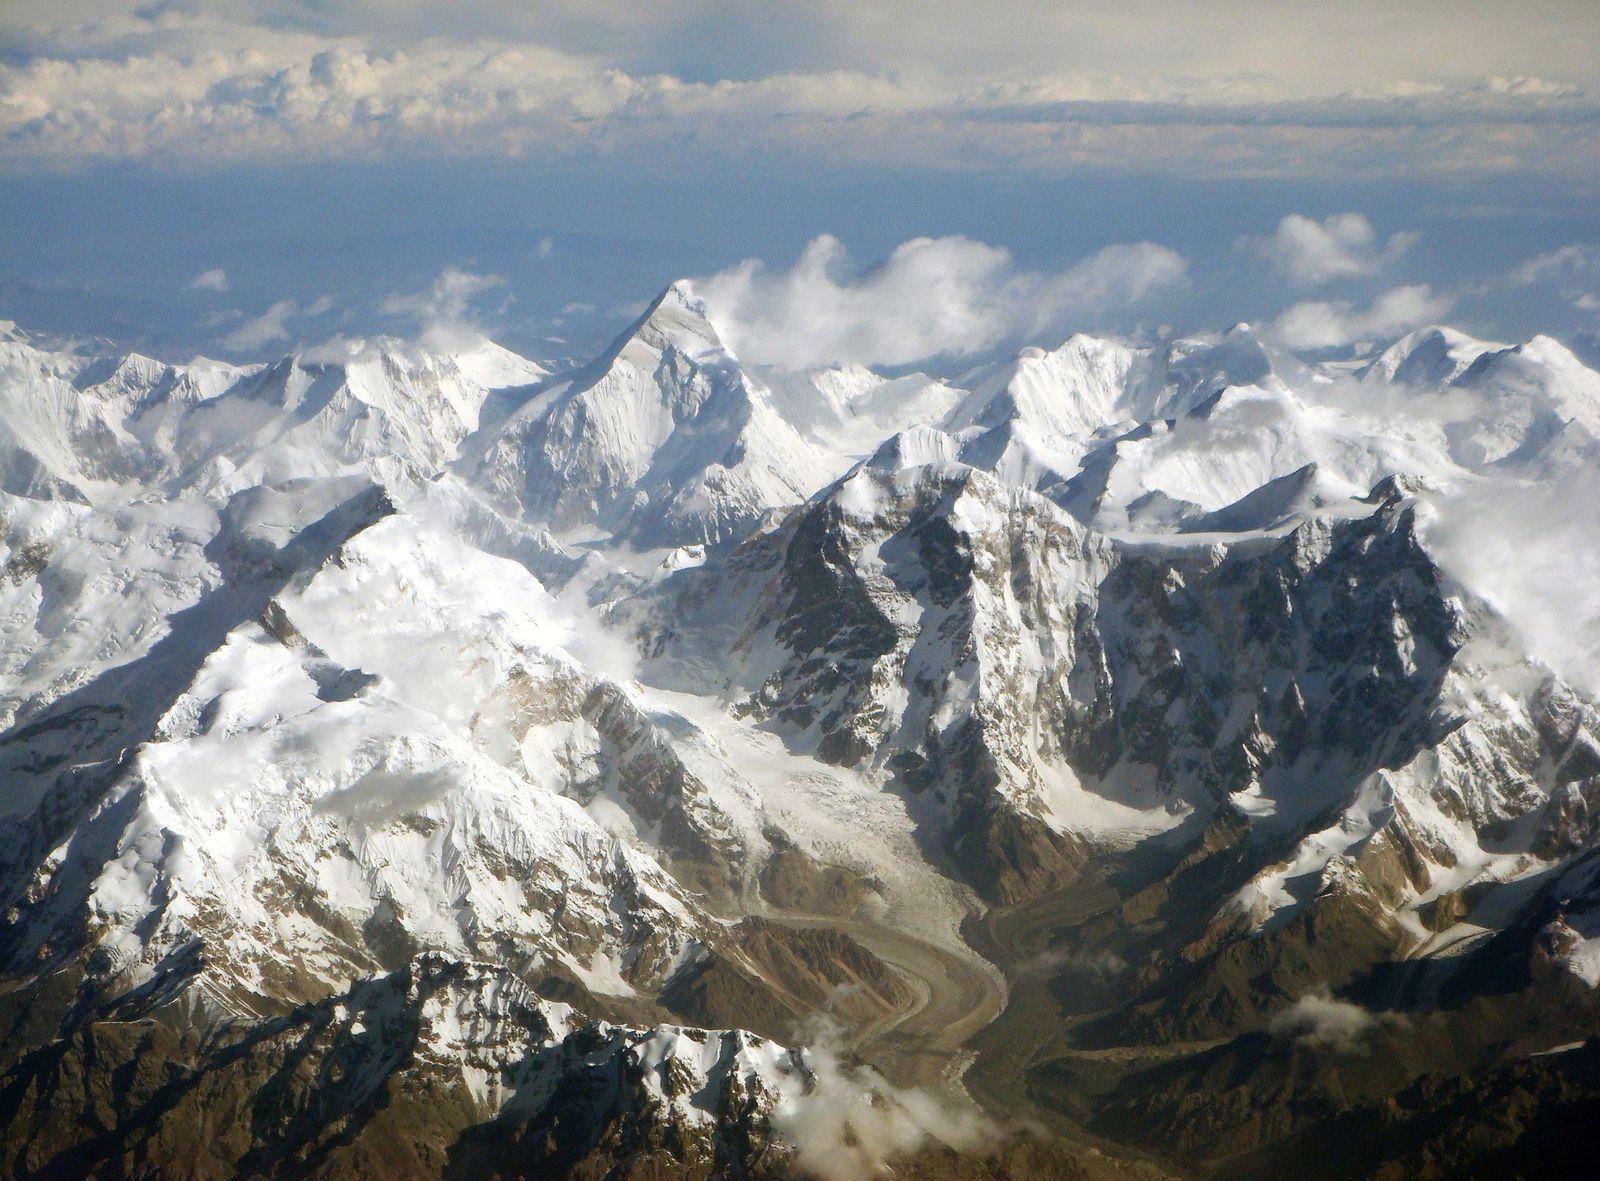 Sukces Polaków na Chan Tengri. Na K2 i Nanga Parbat oczekiwanie na poprawę pogody